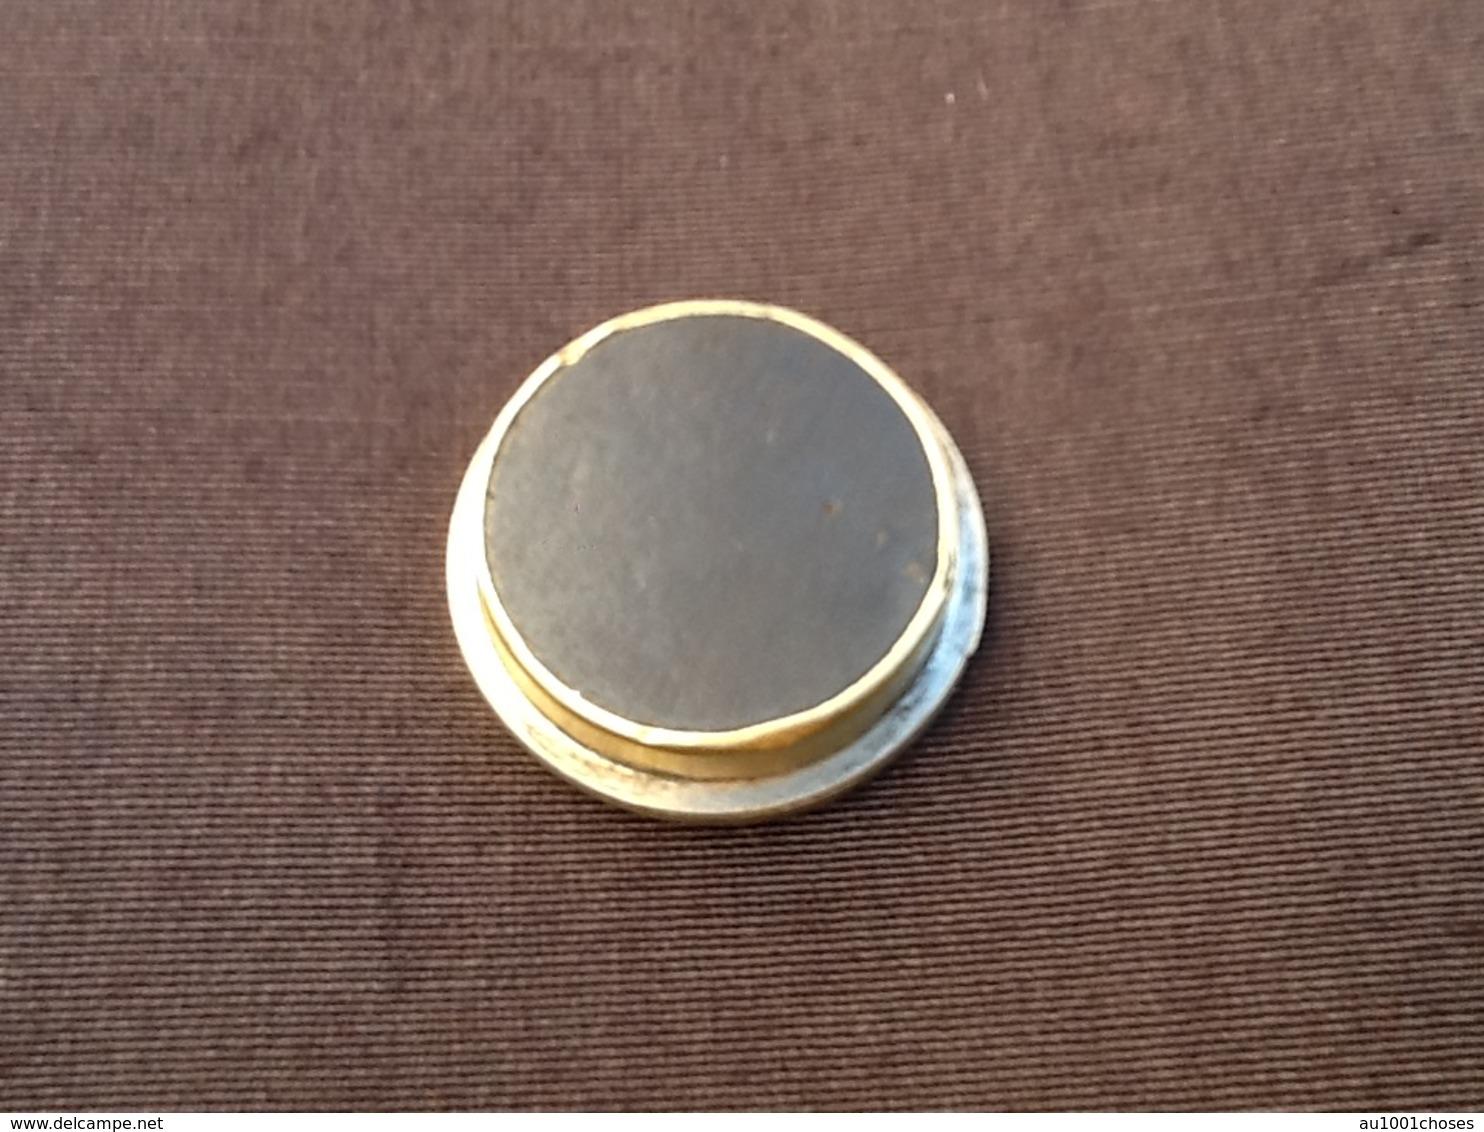 Médaille Ancienne Aimantée Représentant   Saint-Christophe (Saint-Patron Des Voyageurs). - Magnets